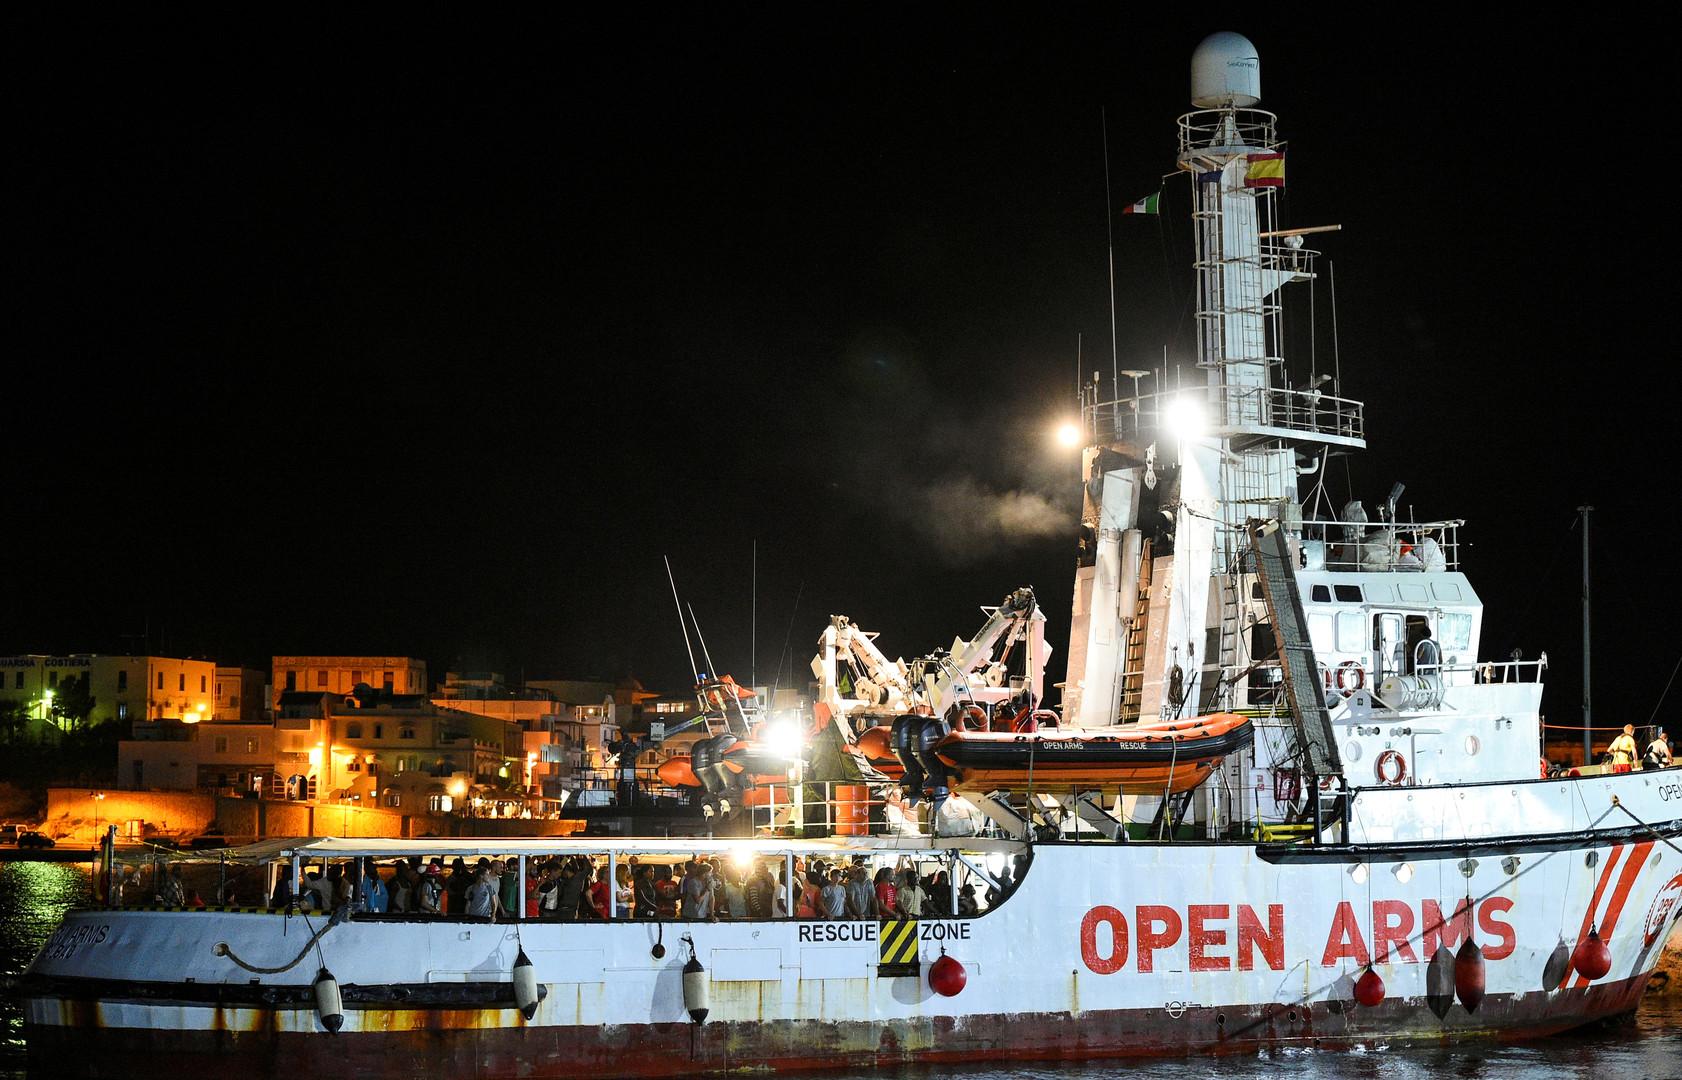 سفينة الإنقاذ الإسبانية التابعة لمنظمة